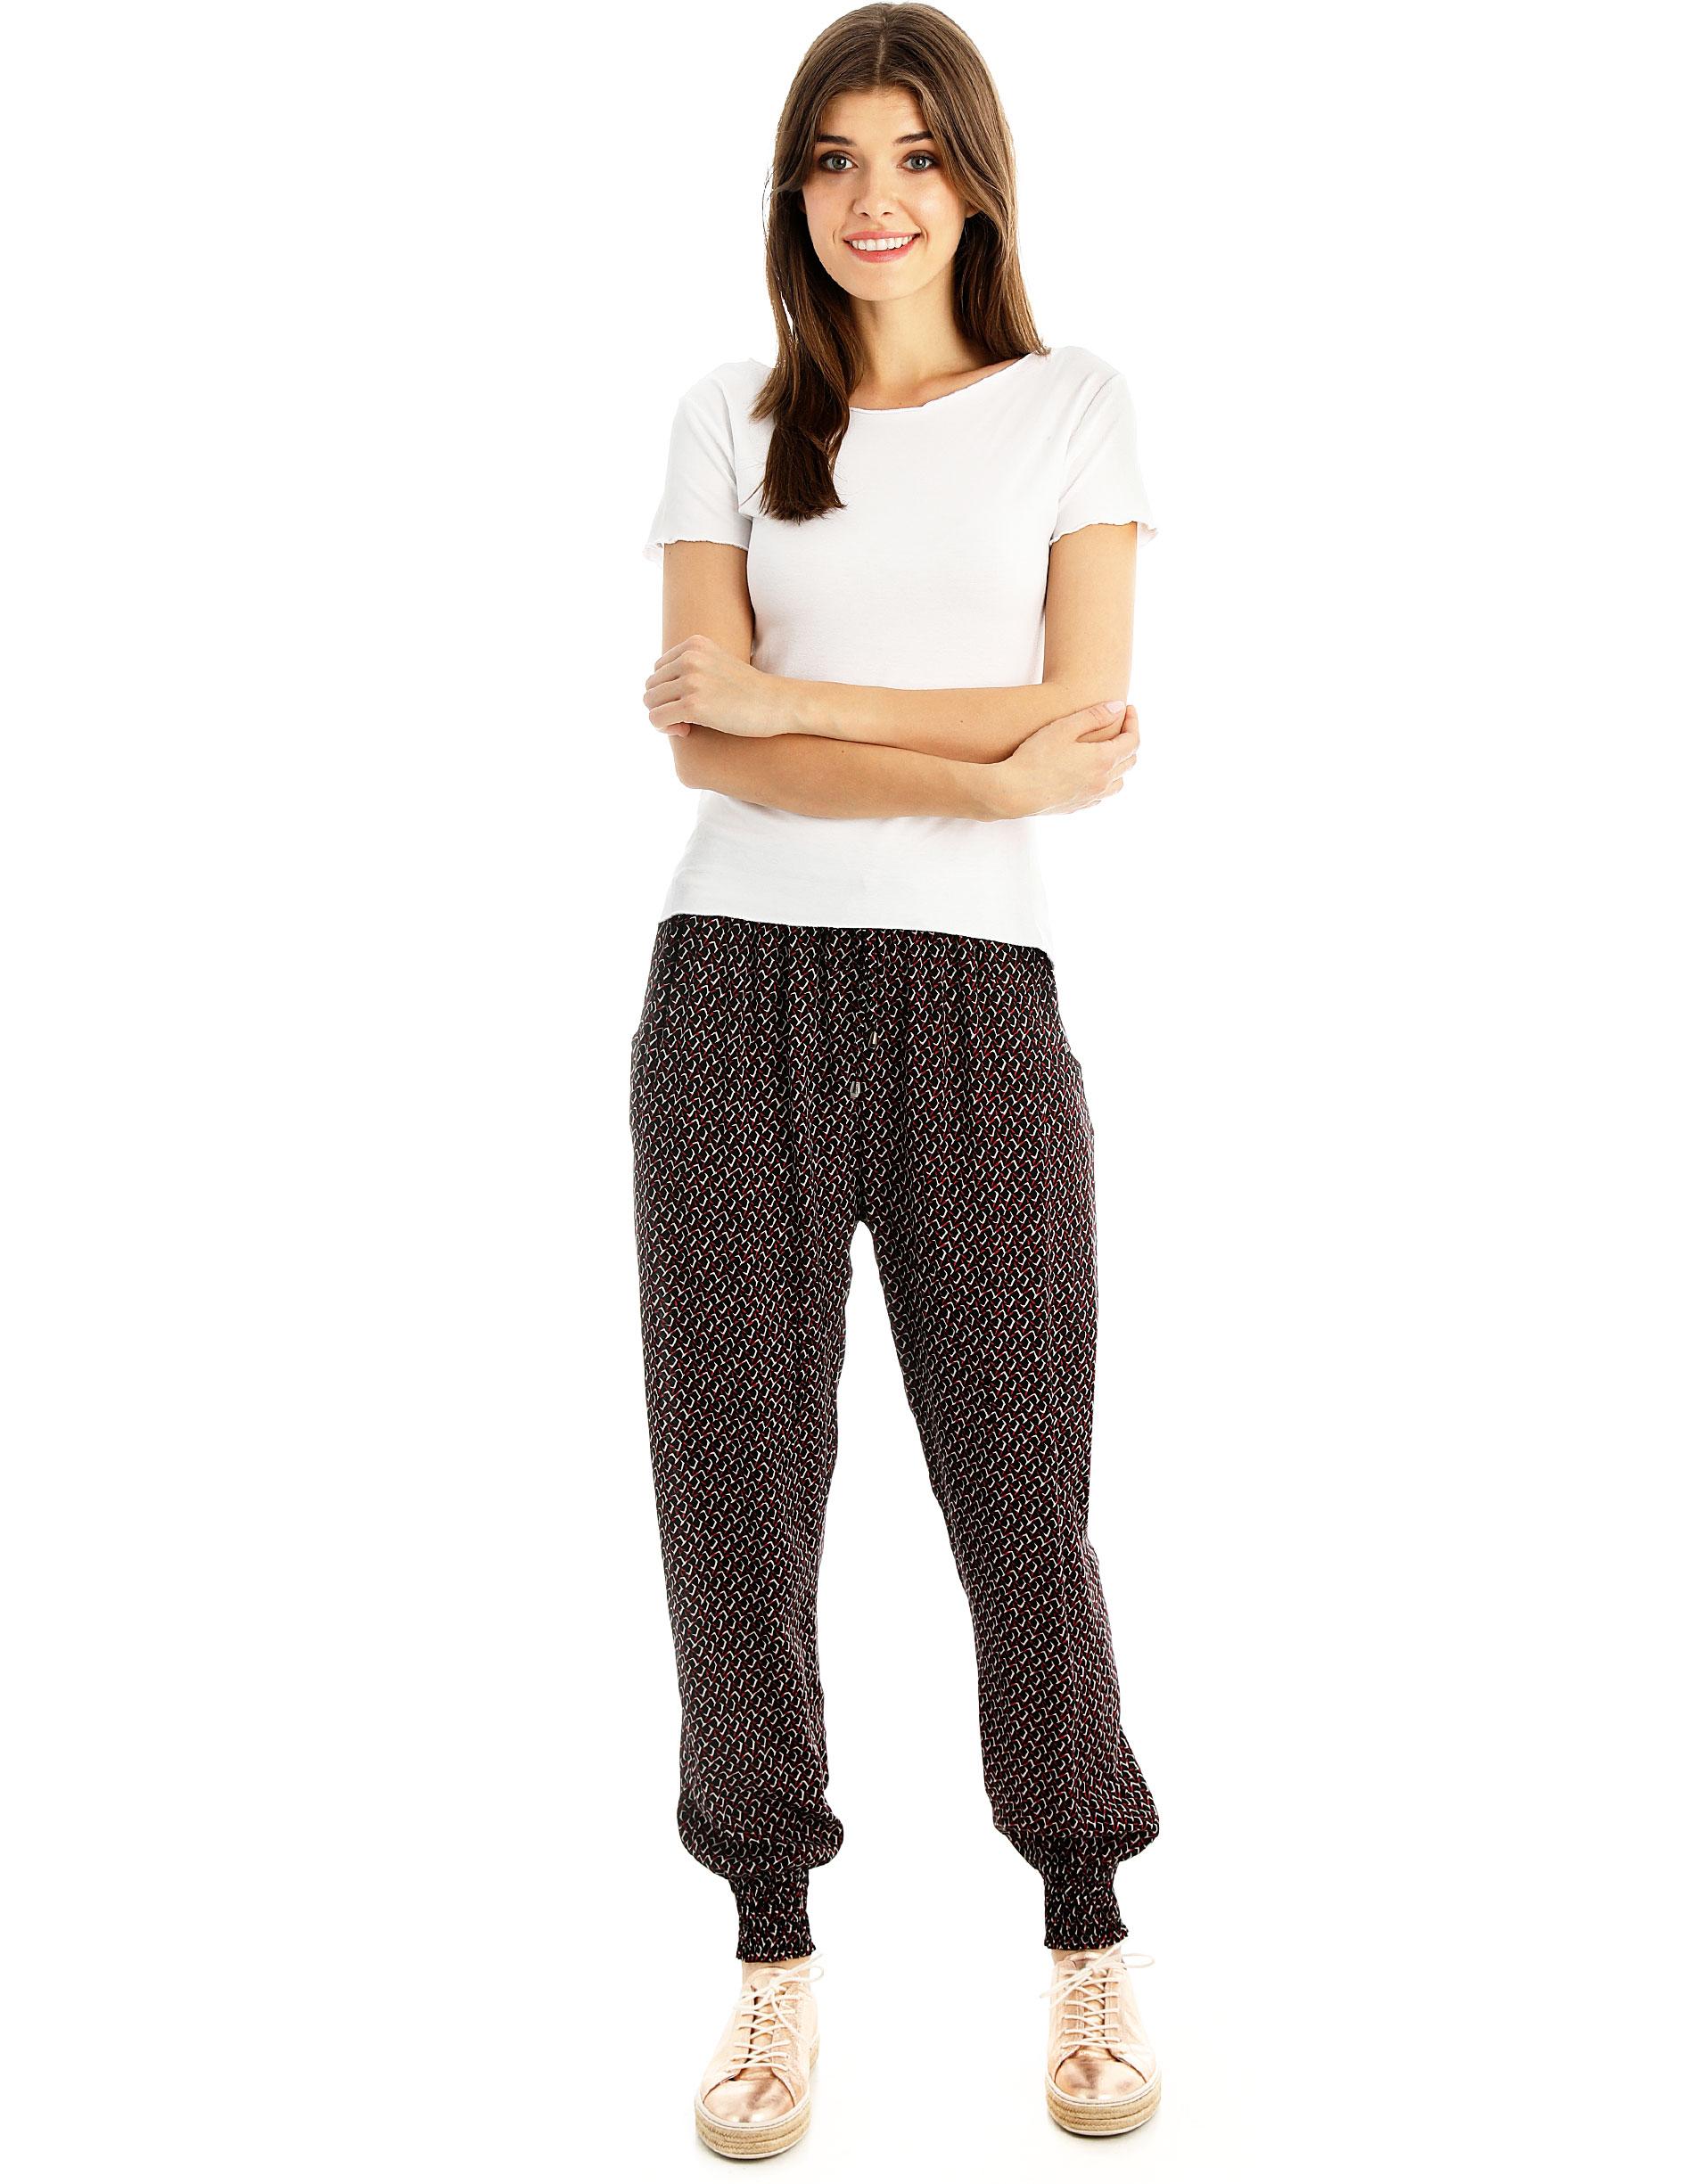 Spodnie - 91-11 NER-ROS - Unisono